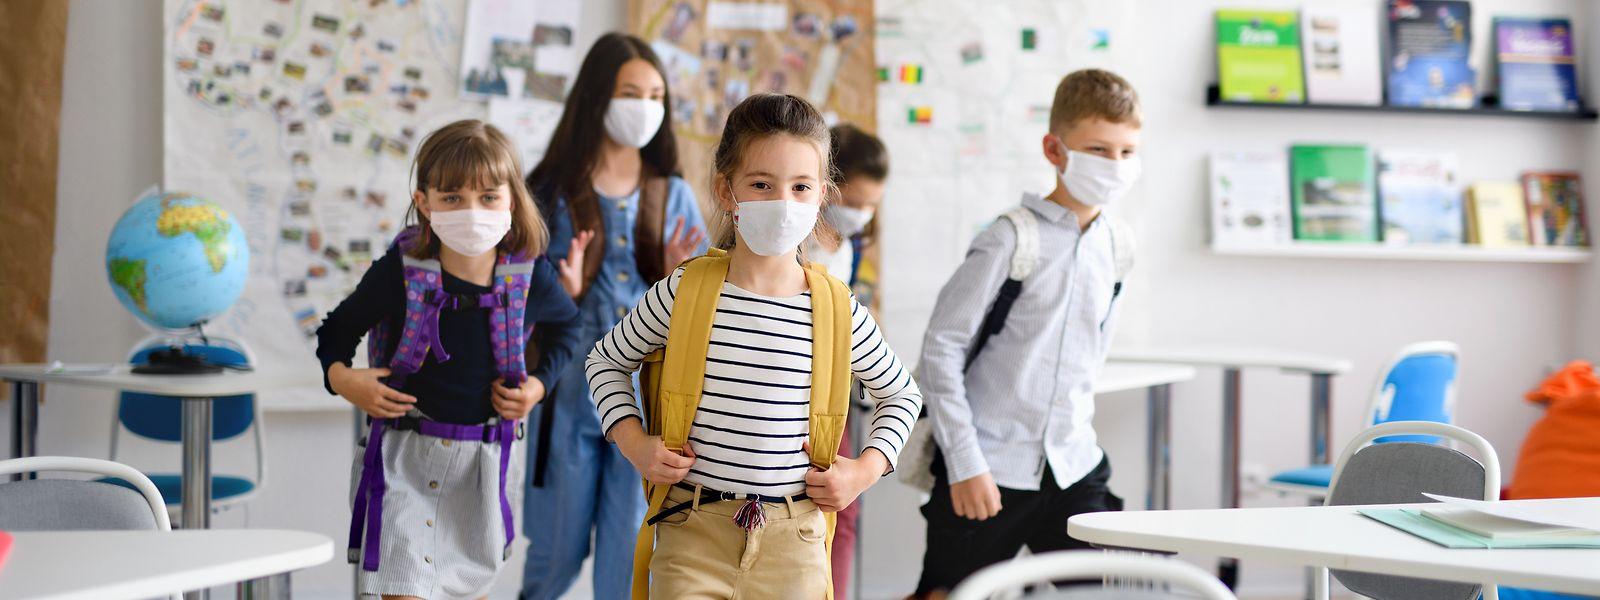 In den Klassensälen müssen die Schüler die Masken tragen, wenn der Mindestabstand nicht garantiert werden kann.